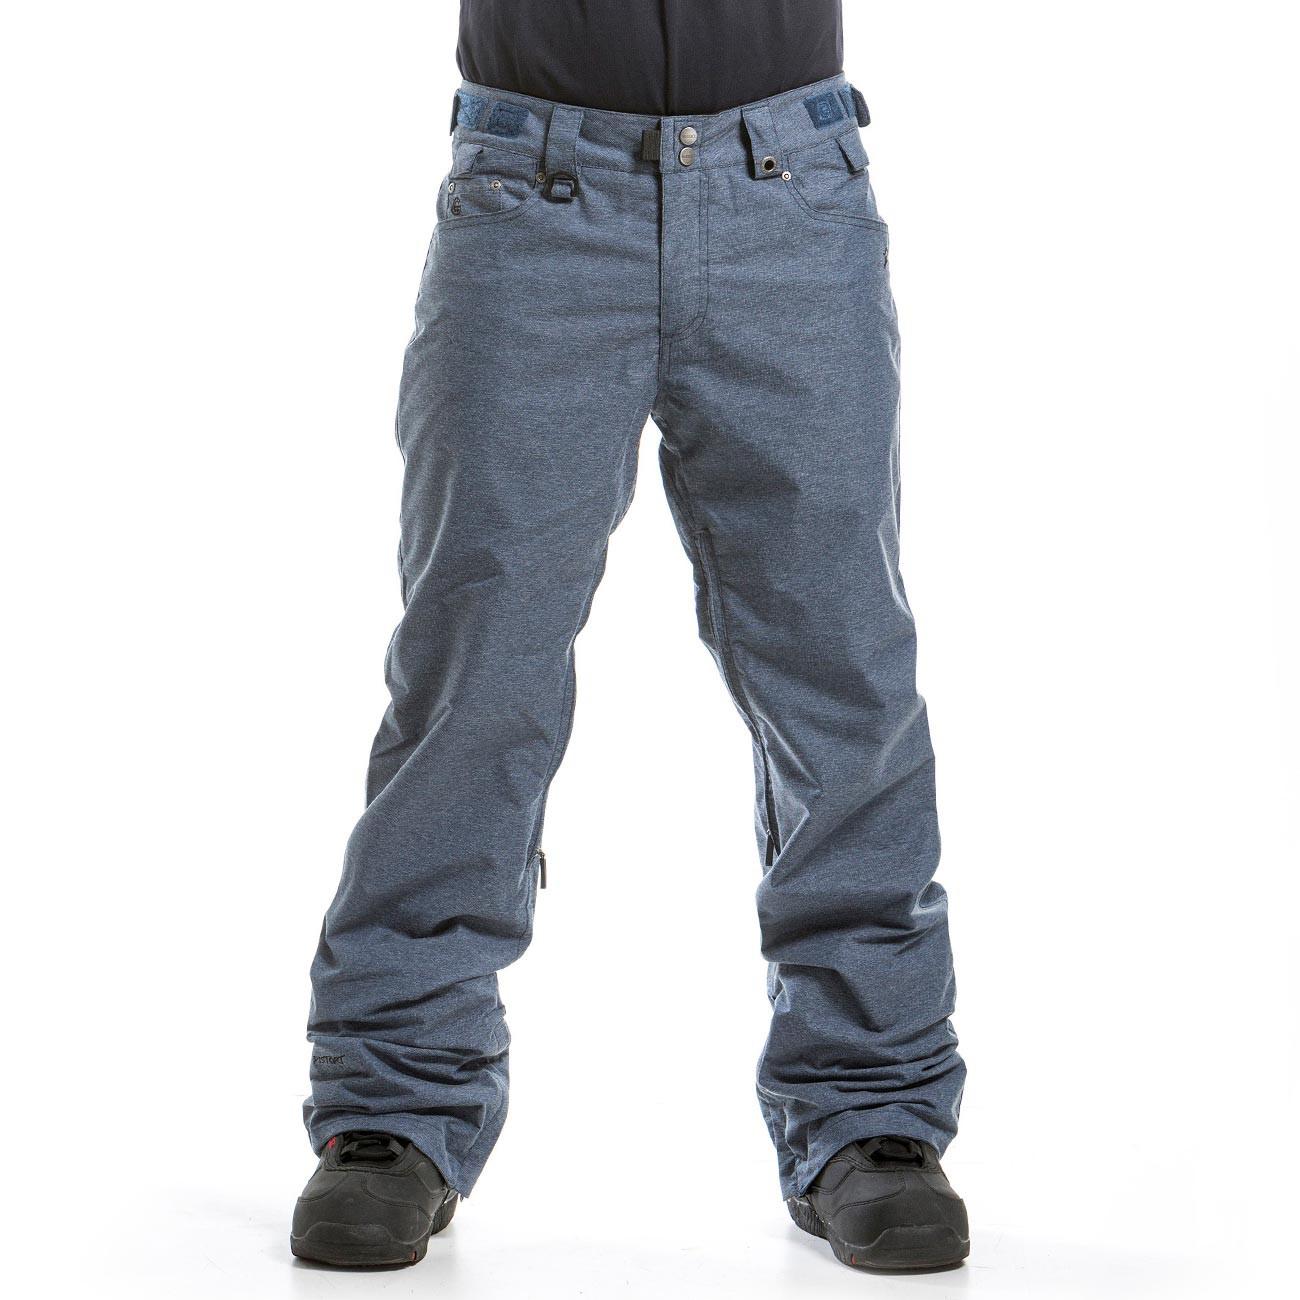 Kalhoty Nugget Charge 3 denim